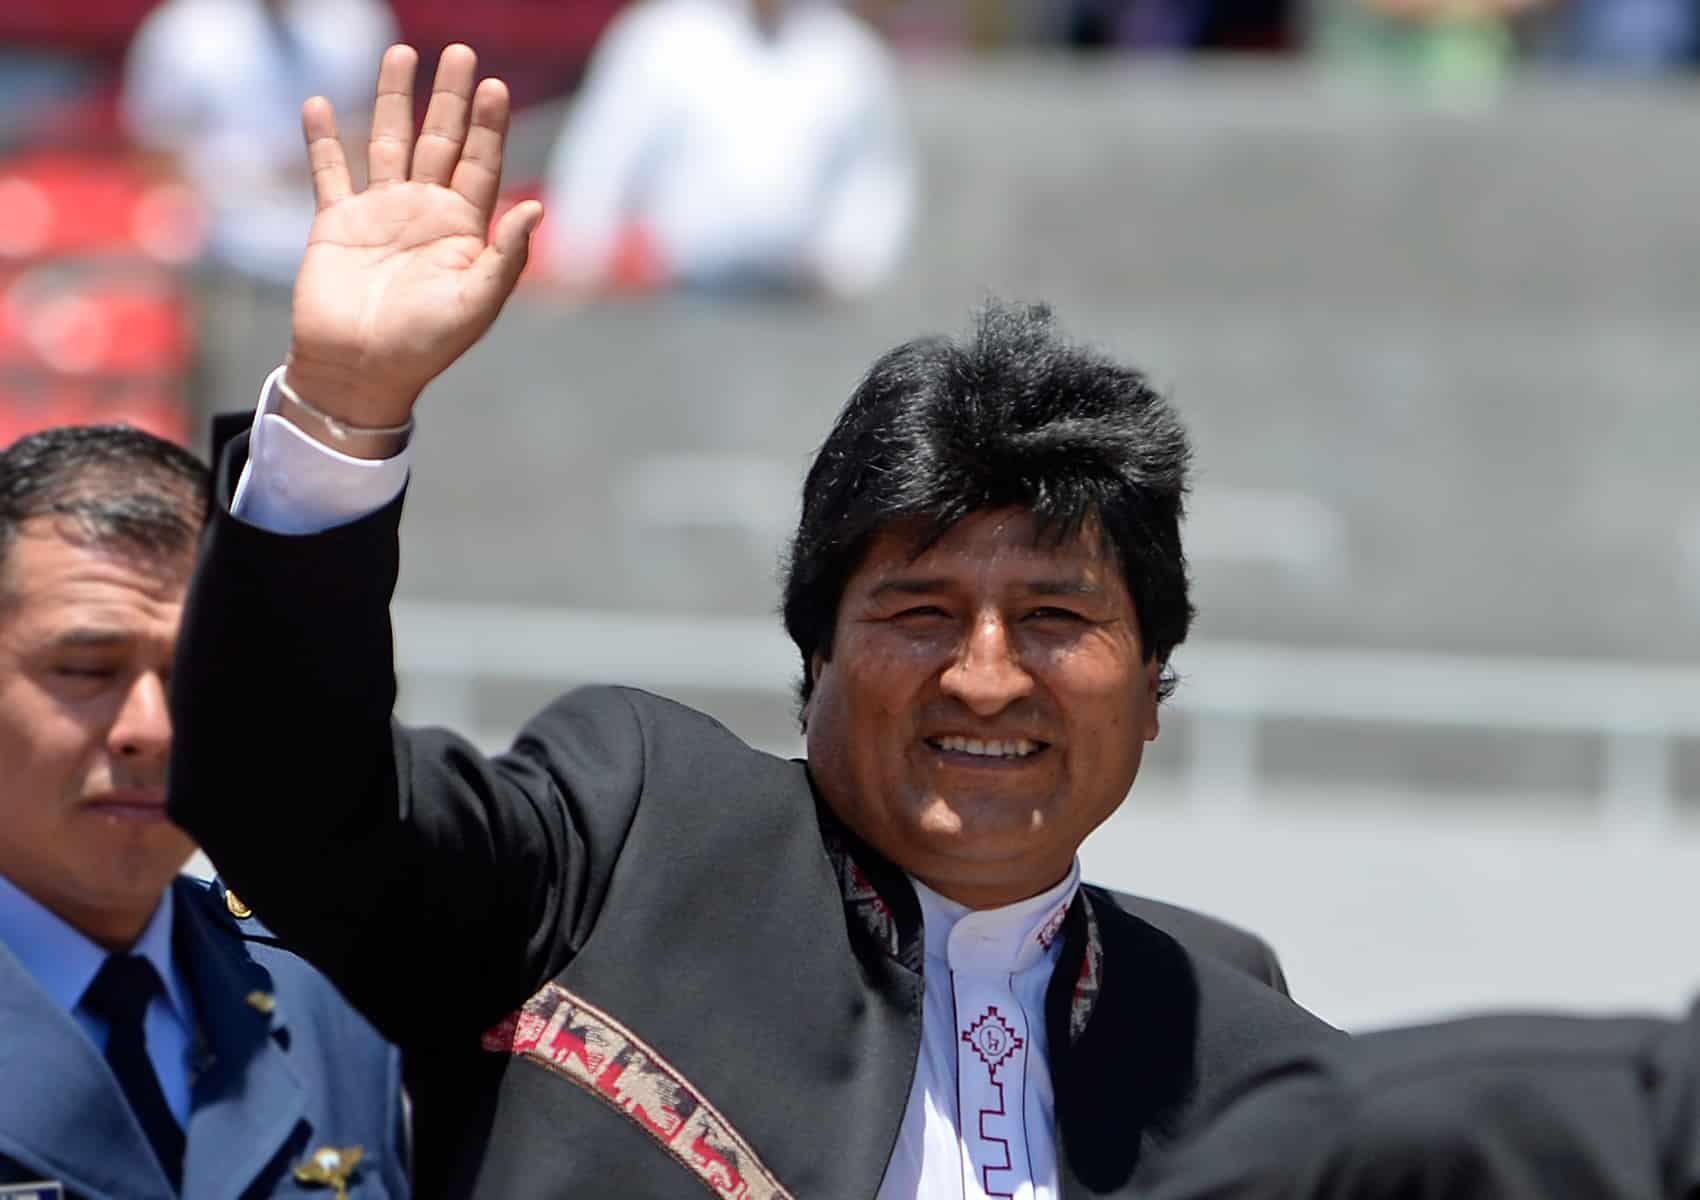 Evo Morales, former president of Bolivia.